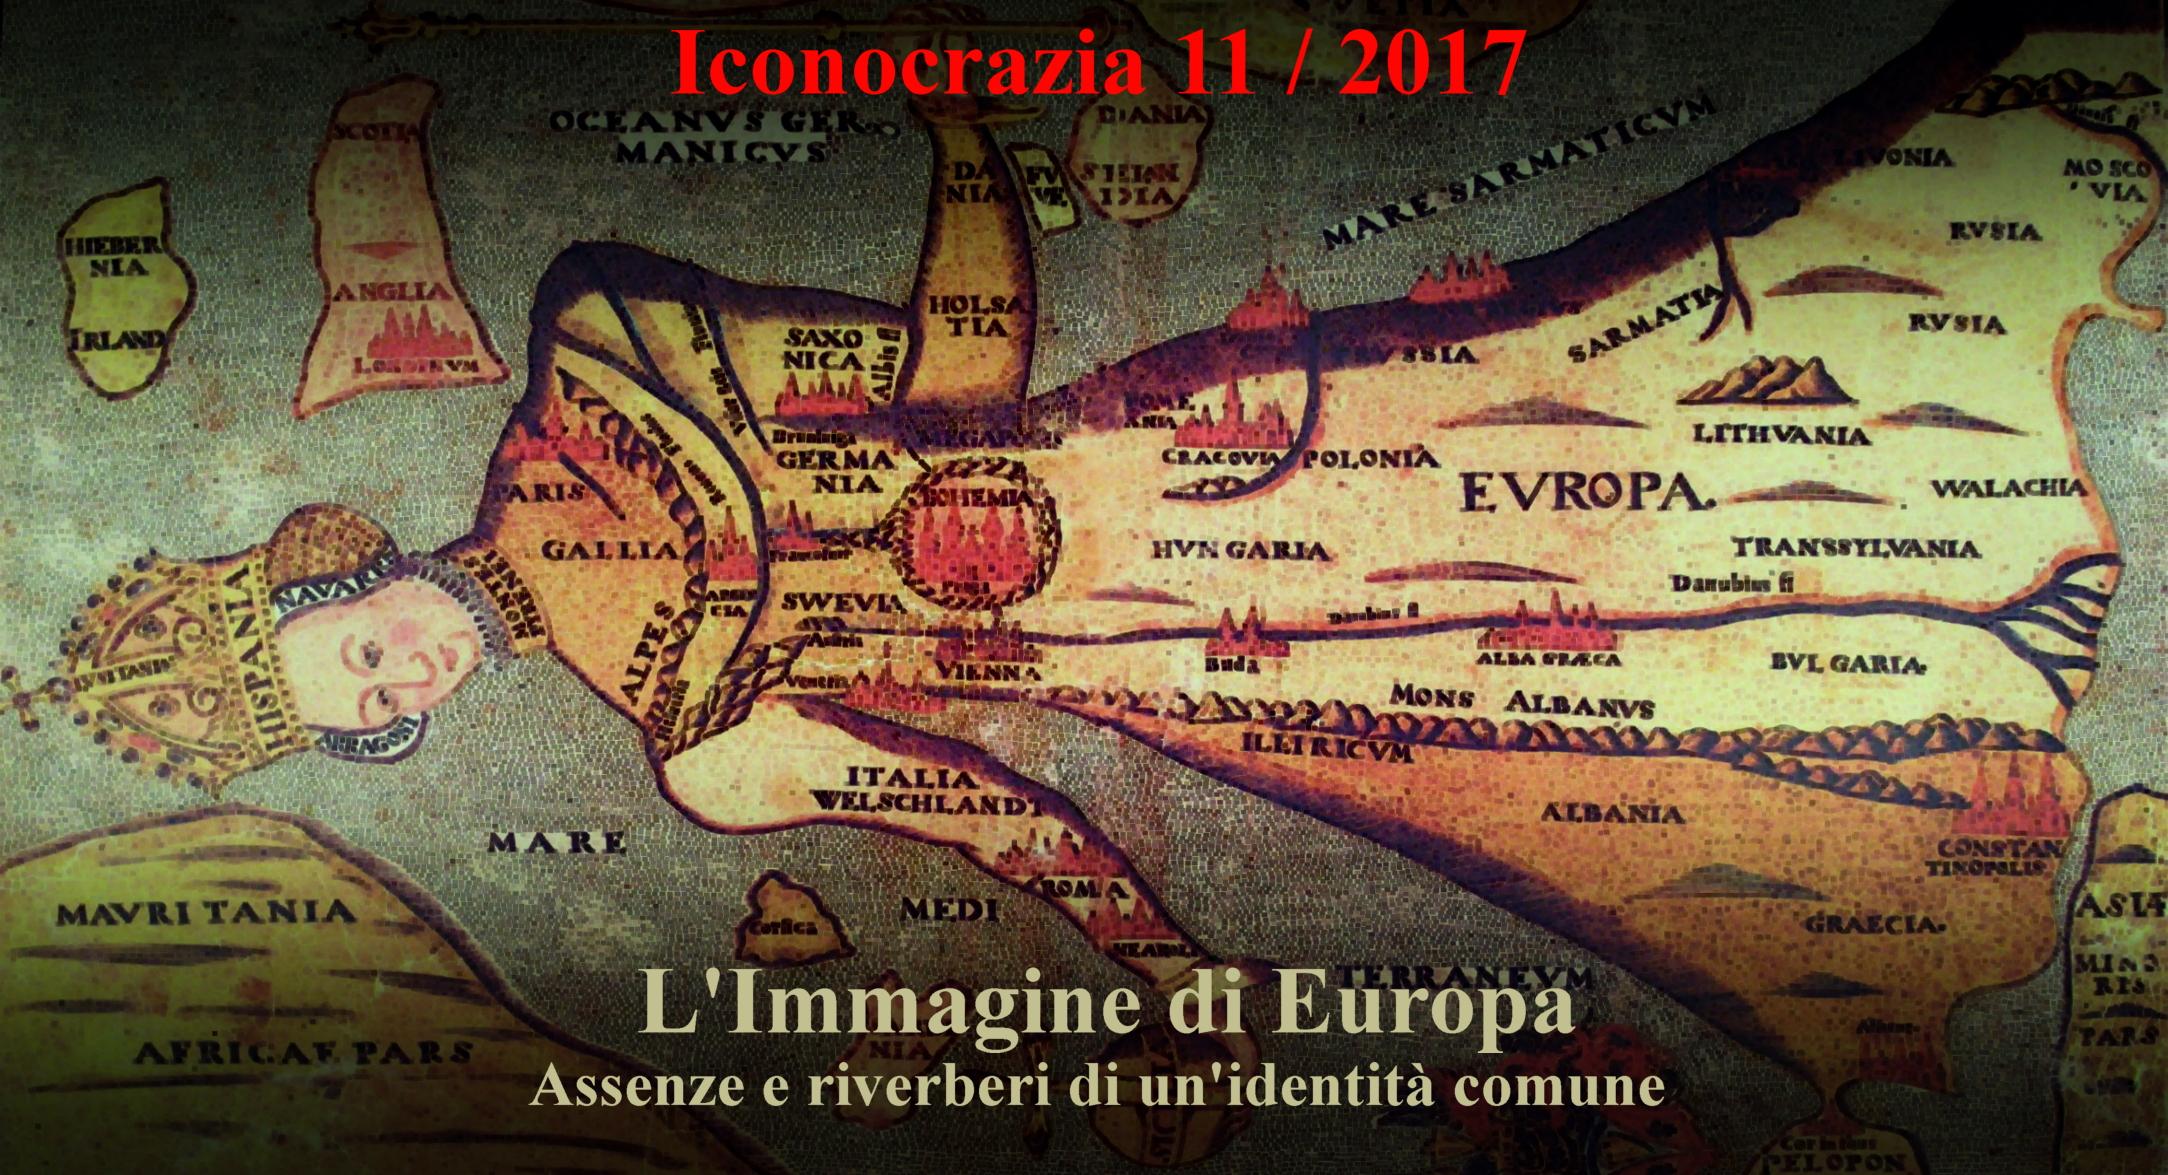 Iconocrazia 11/2017